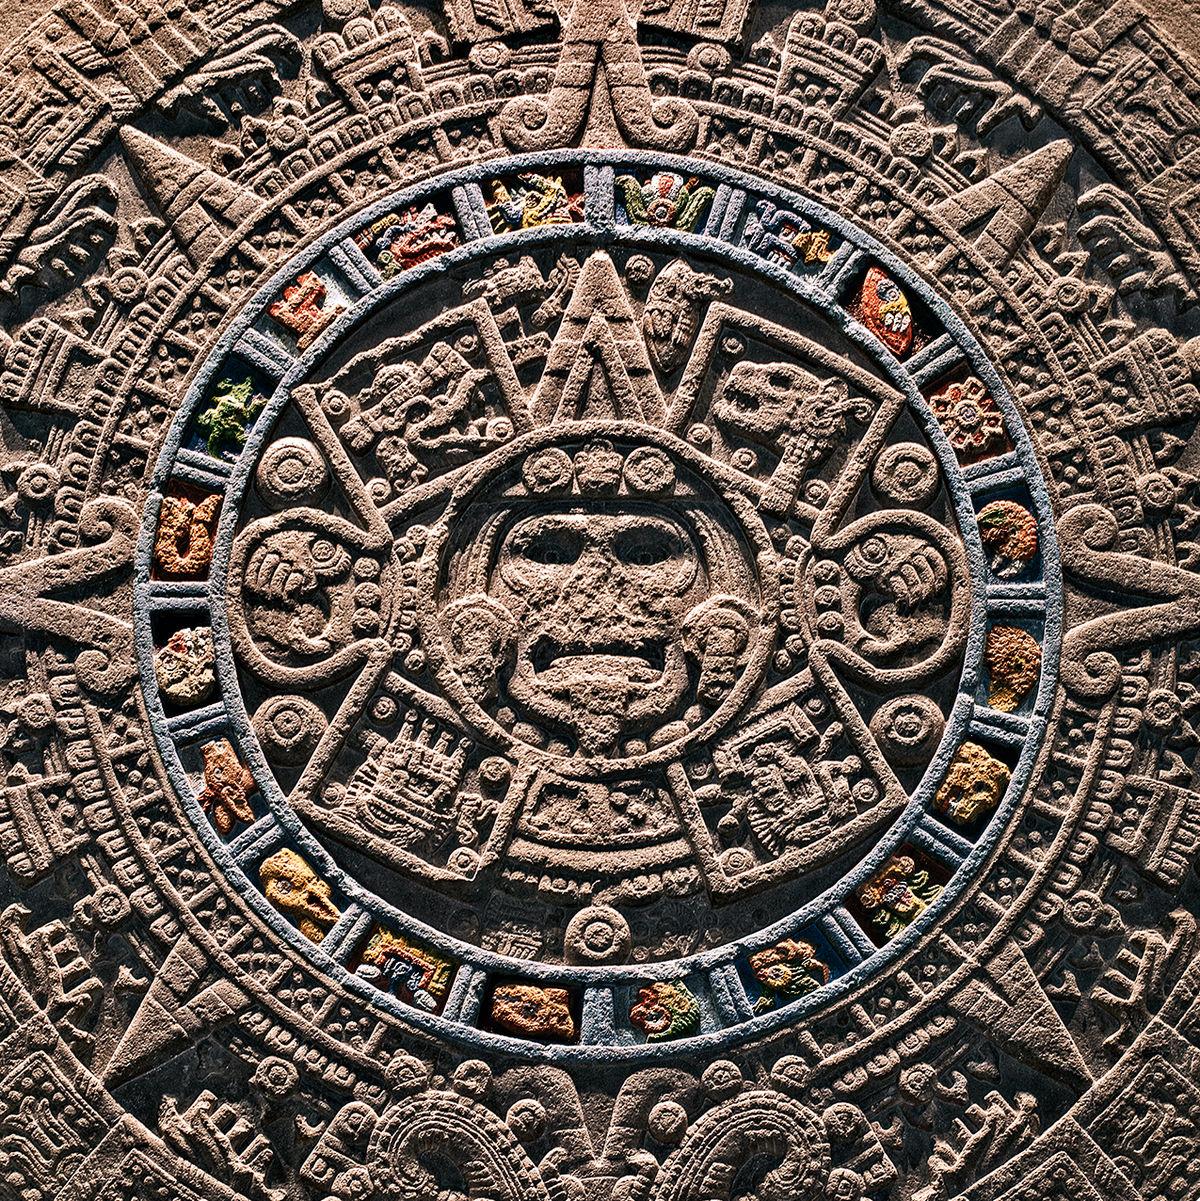 astecas � wikip233dia a enciclop233dia livre